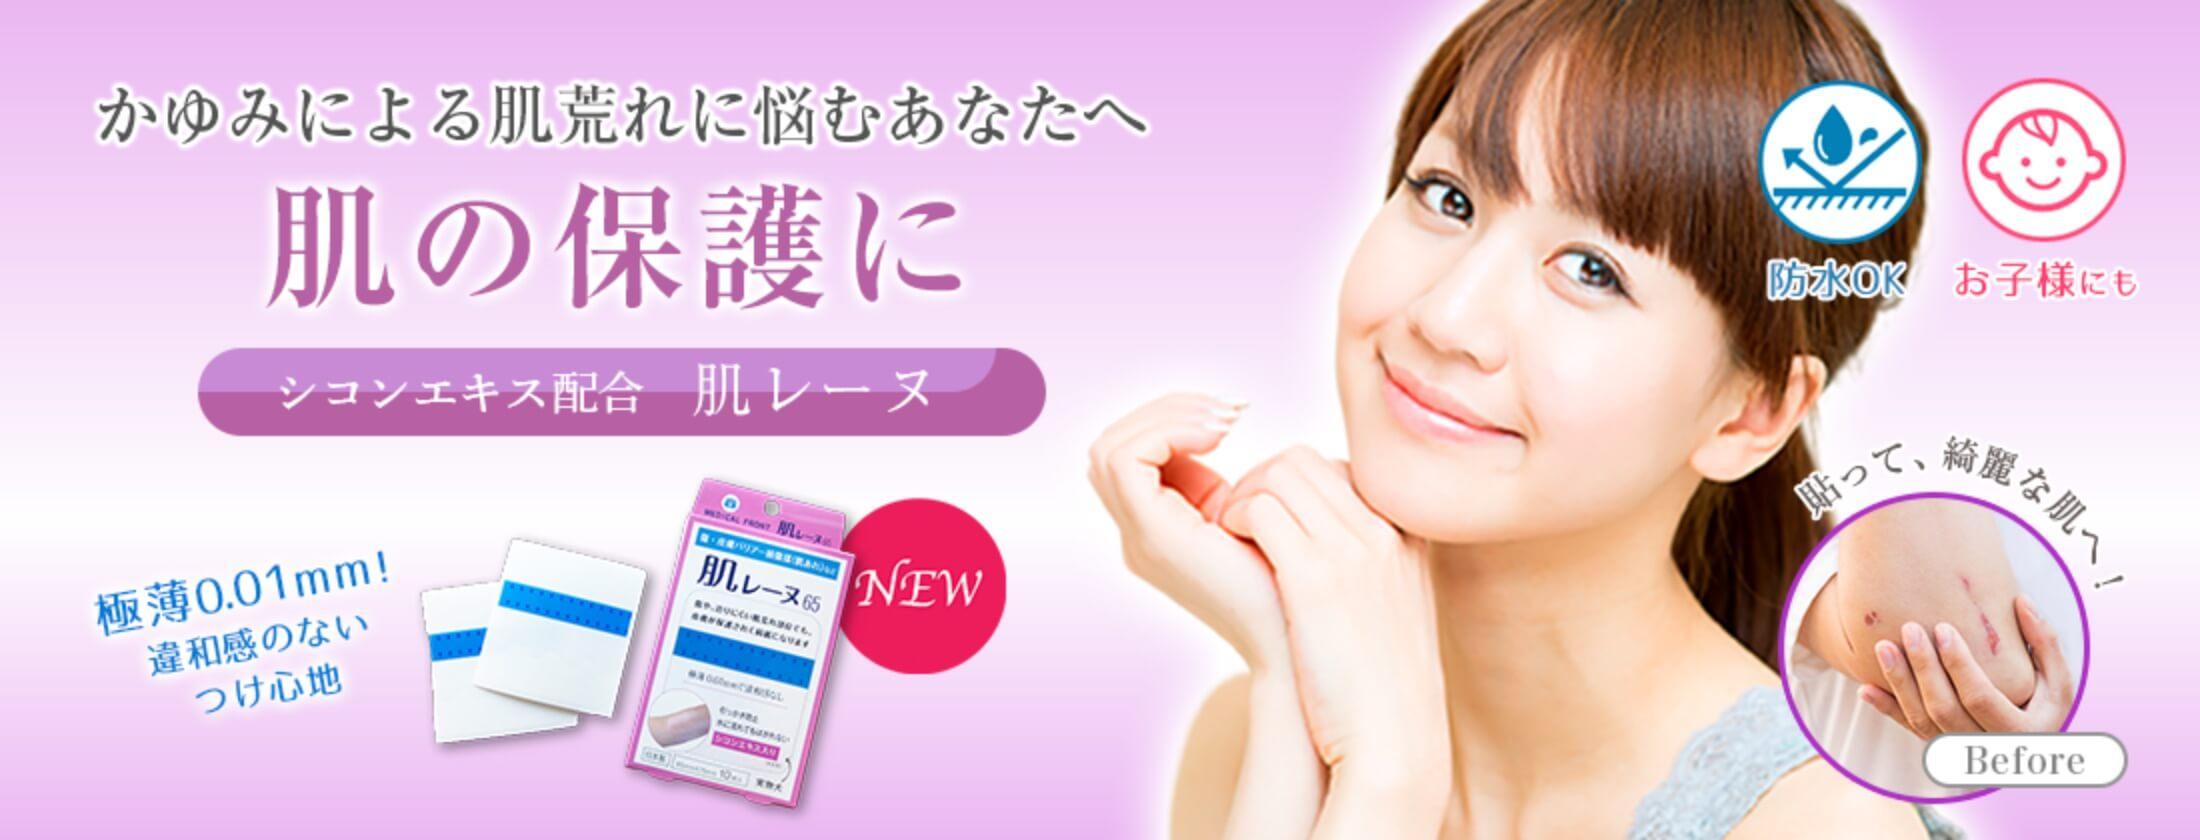 かゆみによる肌荒れに悩むあなたへ肌の保護シコンエキス配合「肌レーヌ」